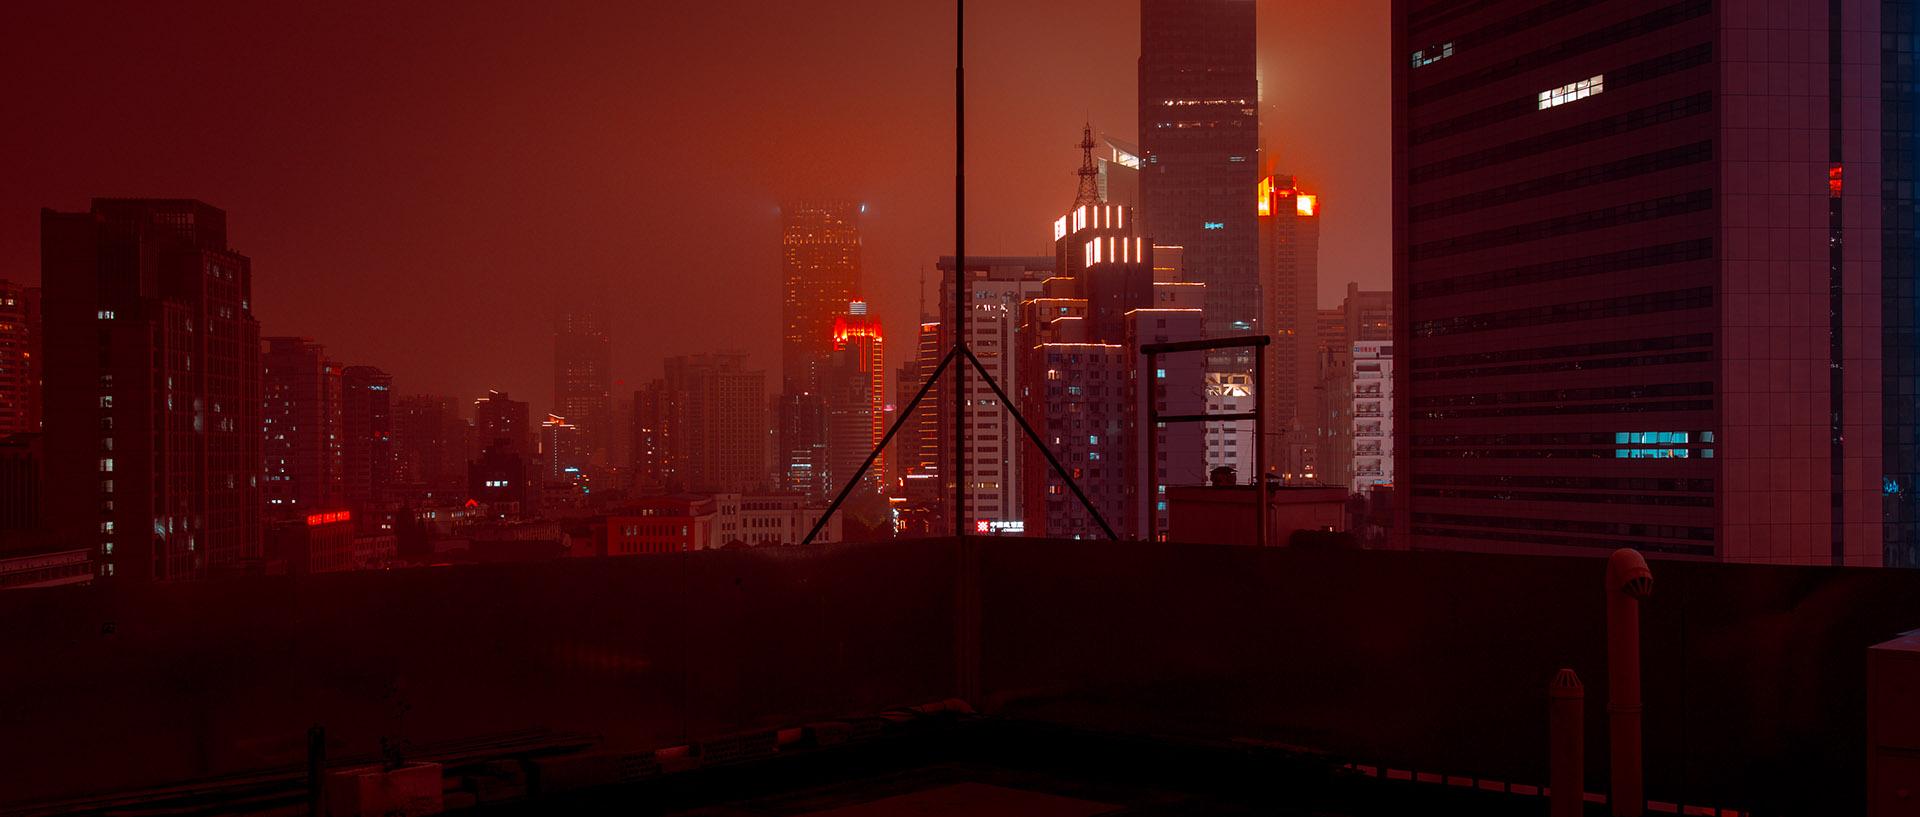 shanghai-streets-12.jpg